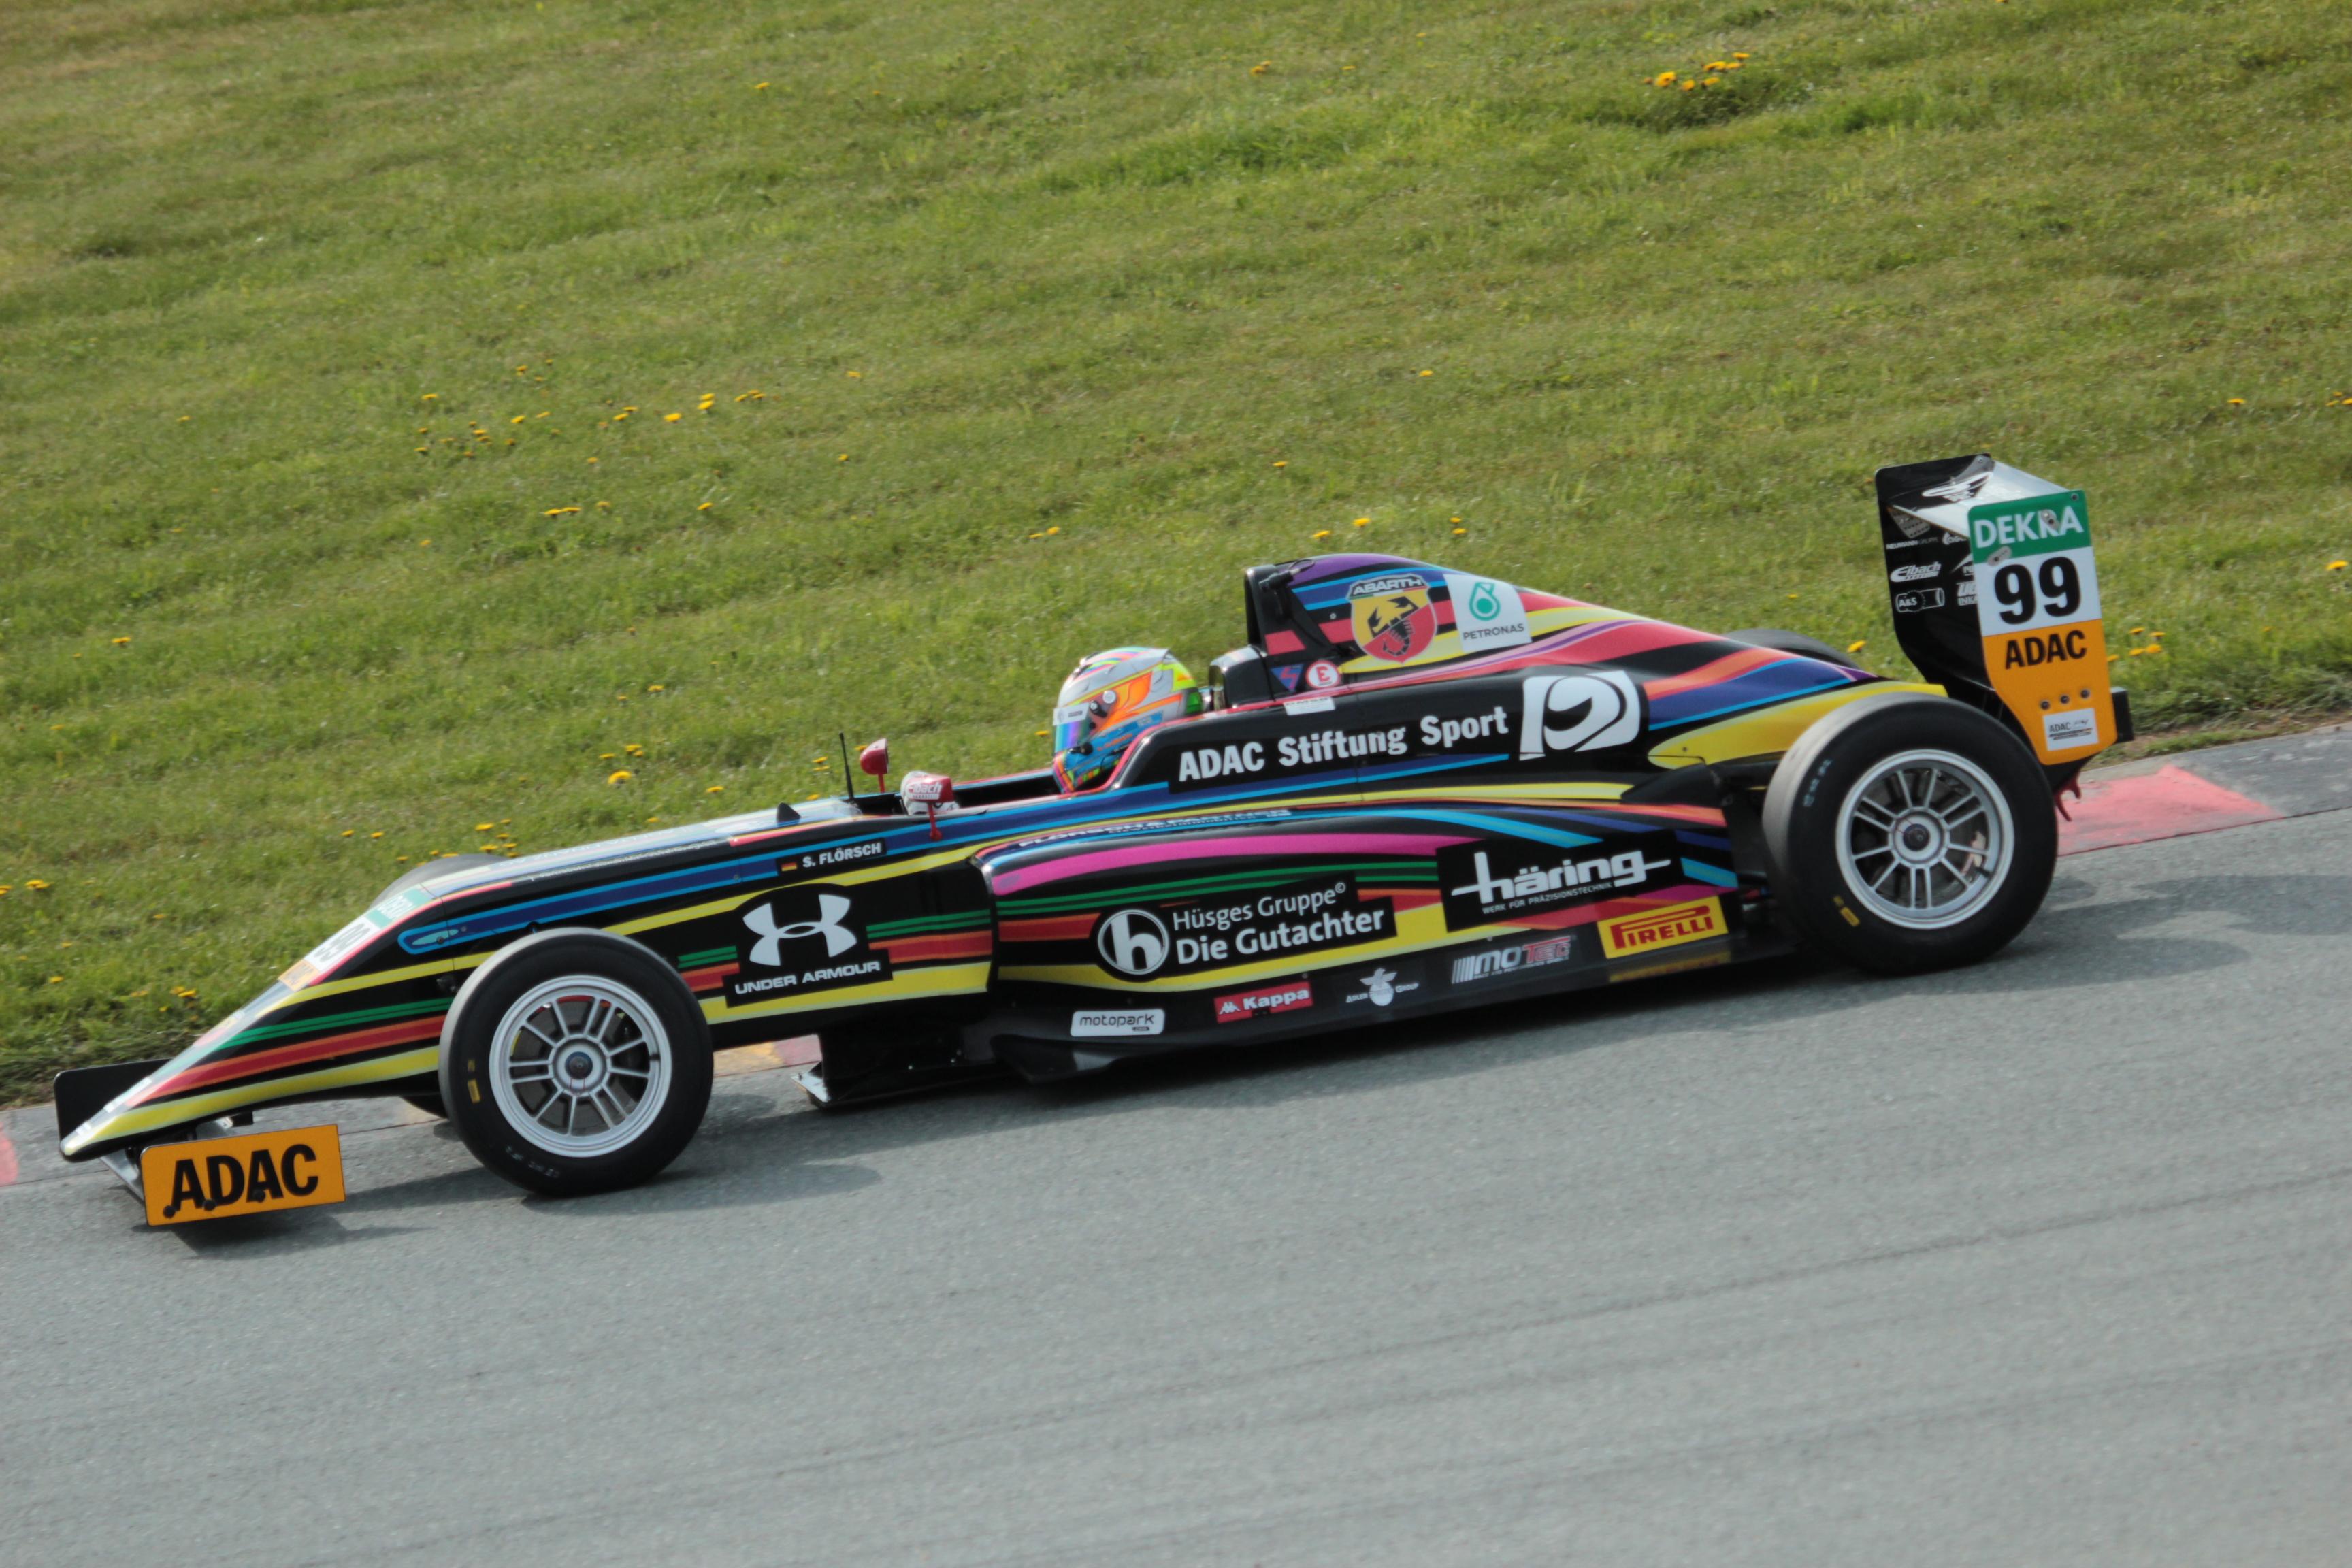 Flörsch Formel 3